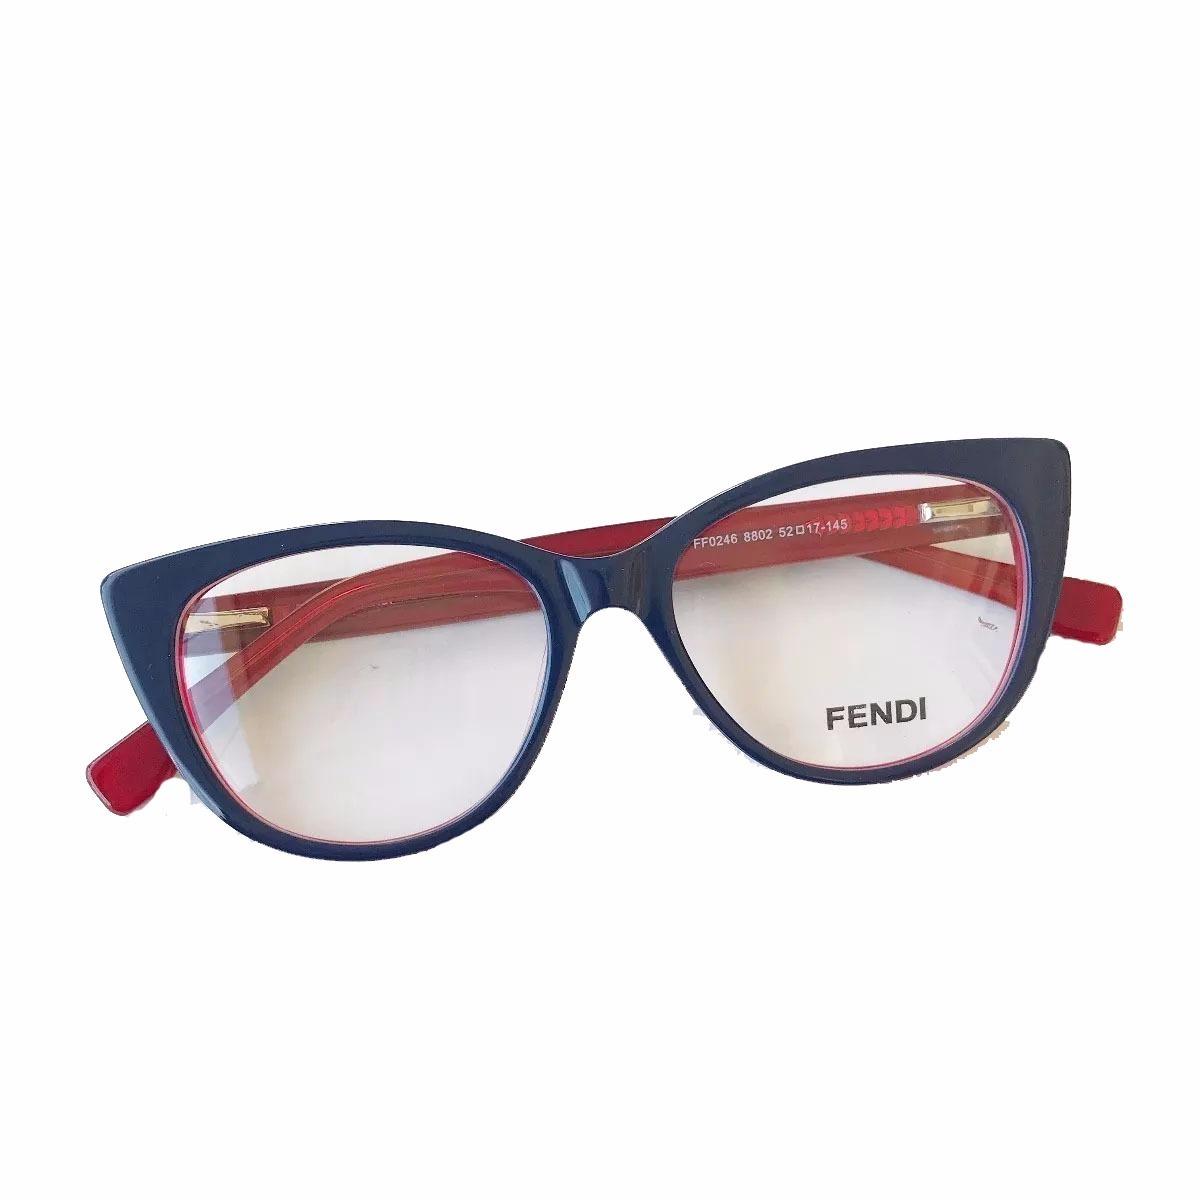 90c80f0e4f547 oculos armação fendi de grau estilo gatinho acetato preto. Carregando zoom.